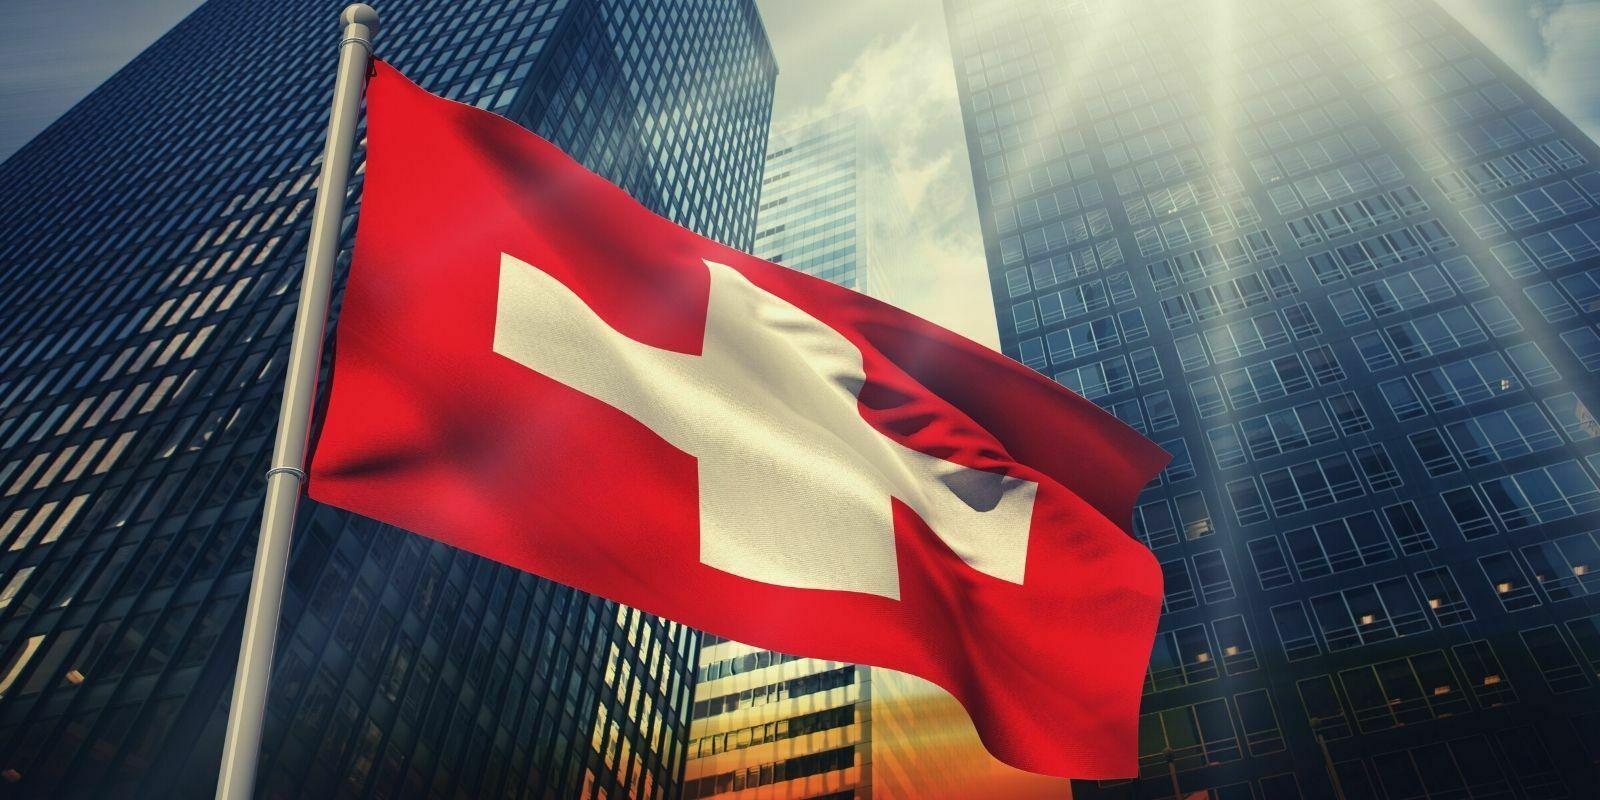 Suisse - La crypto-banque SEBA lève 22,5 millions de dollars